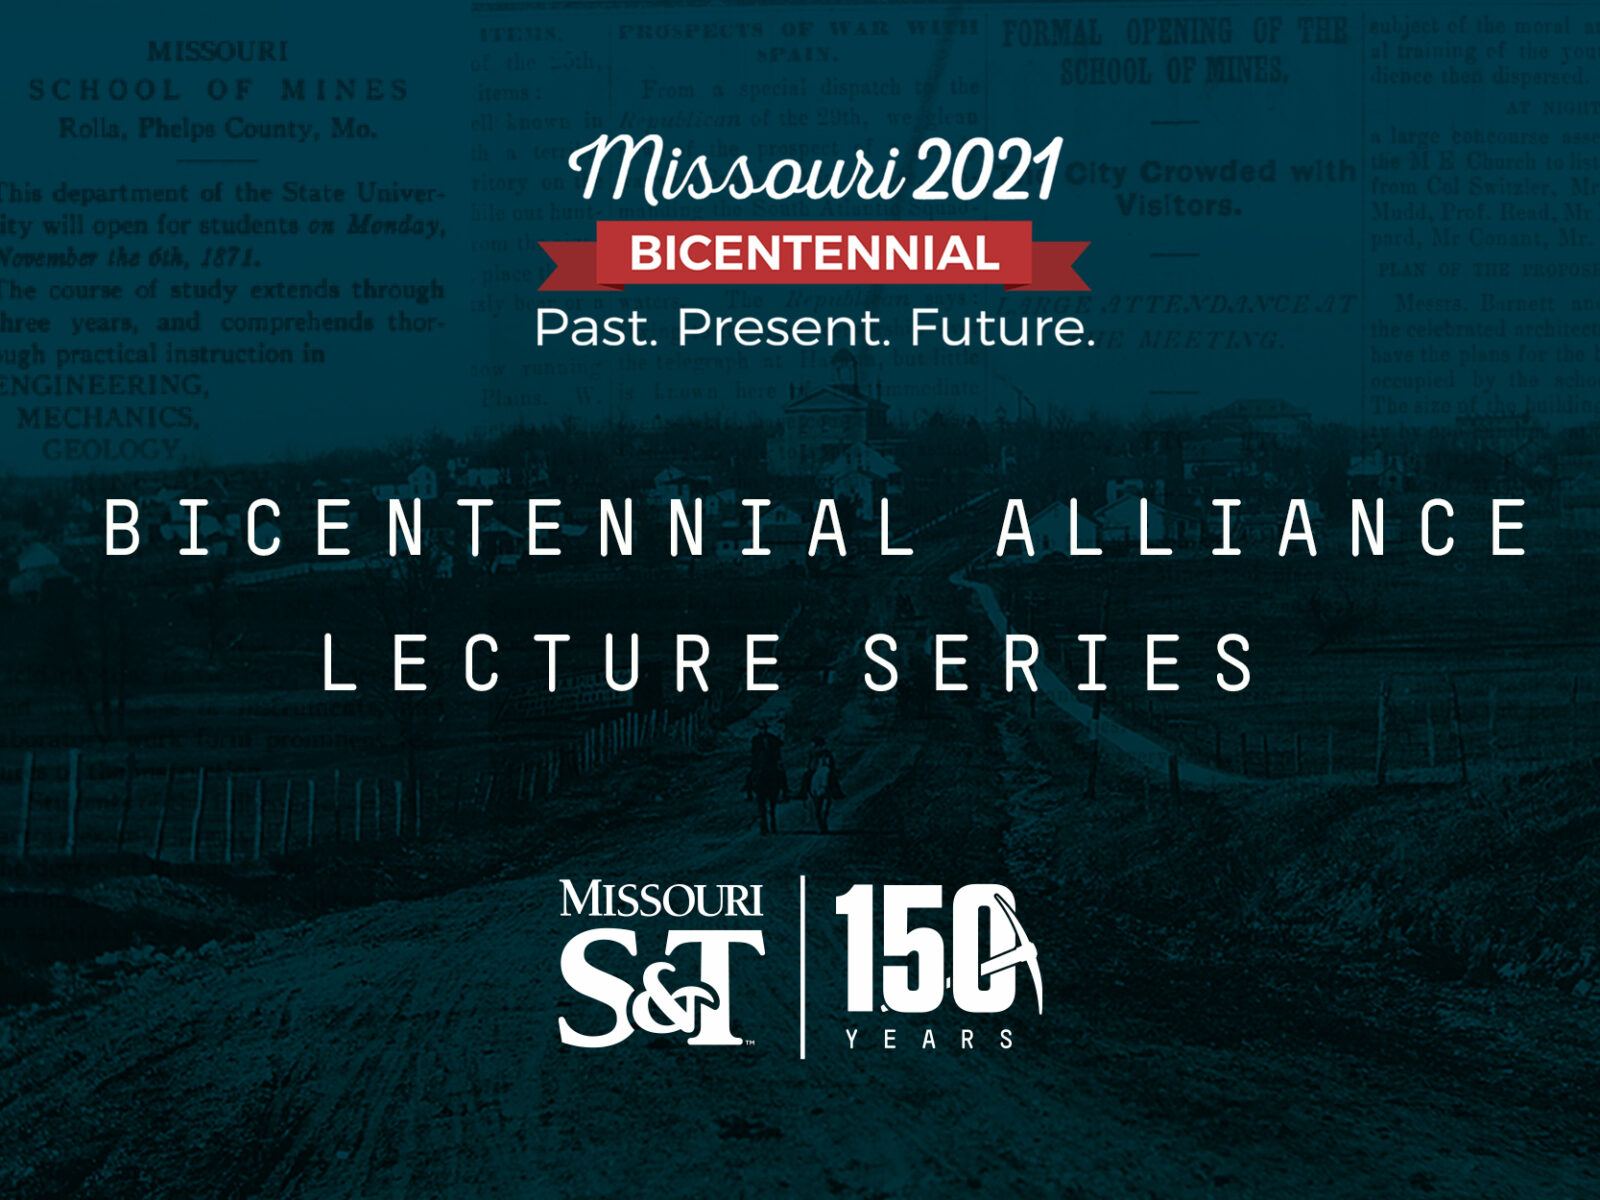 Bicentennial alliance announcement